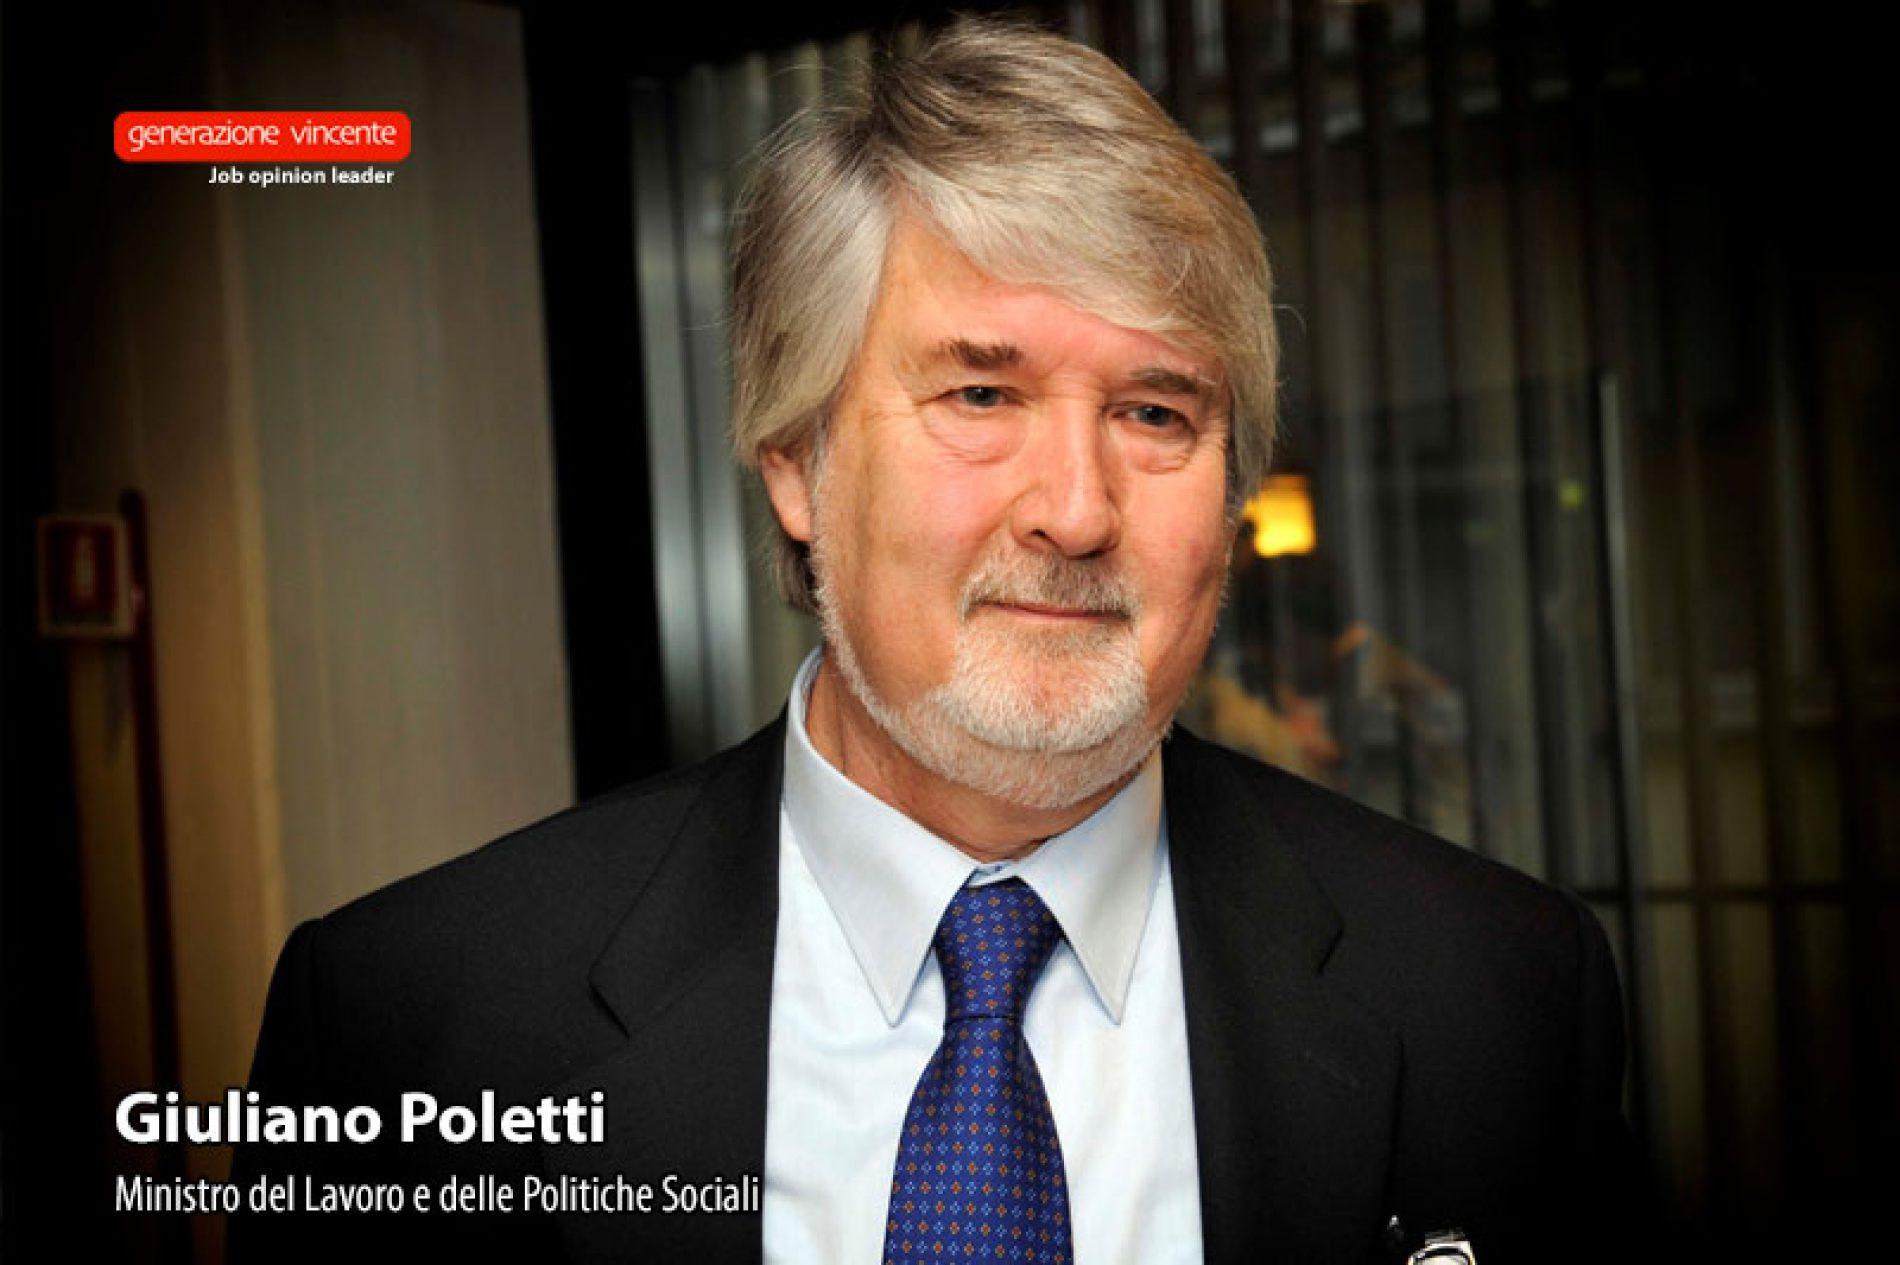 Poletti : «Il Jobs Act, una svolta epocale per un mercato del lavoro più efficiente, equo e inclusivo»